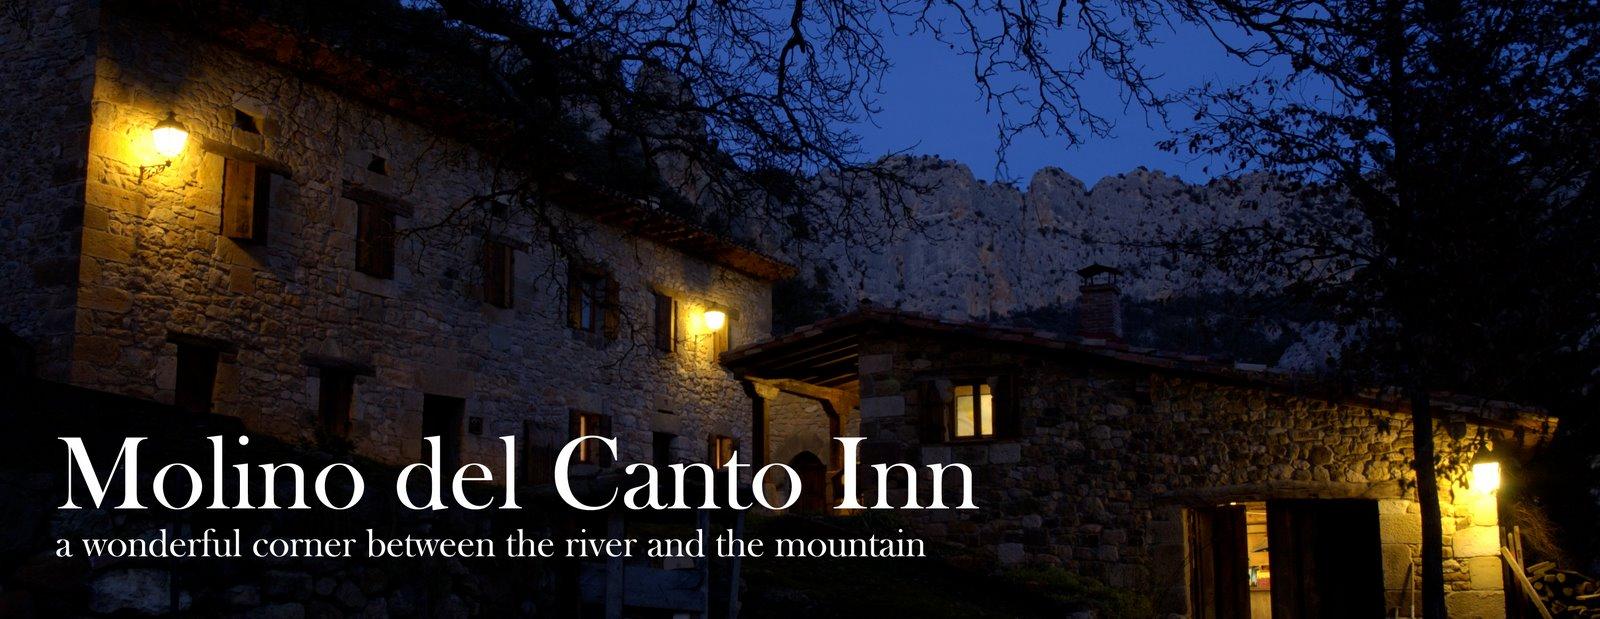 Molino del Canto Inn